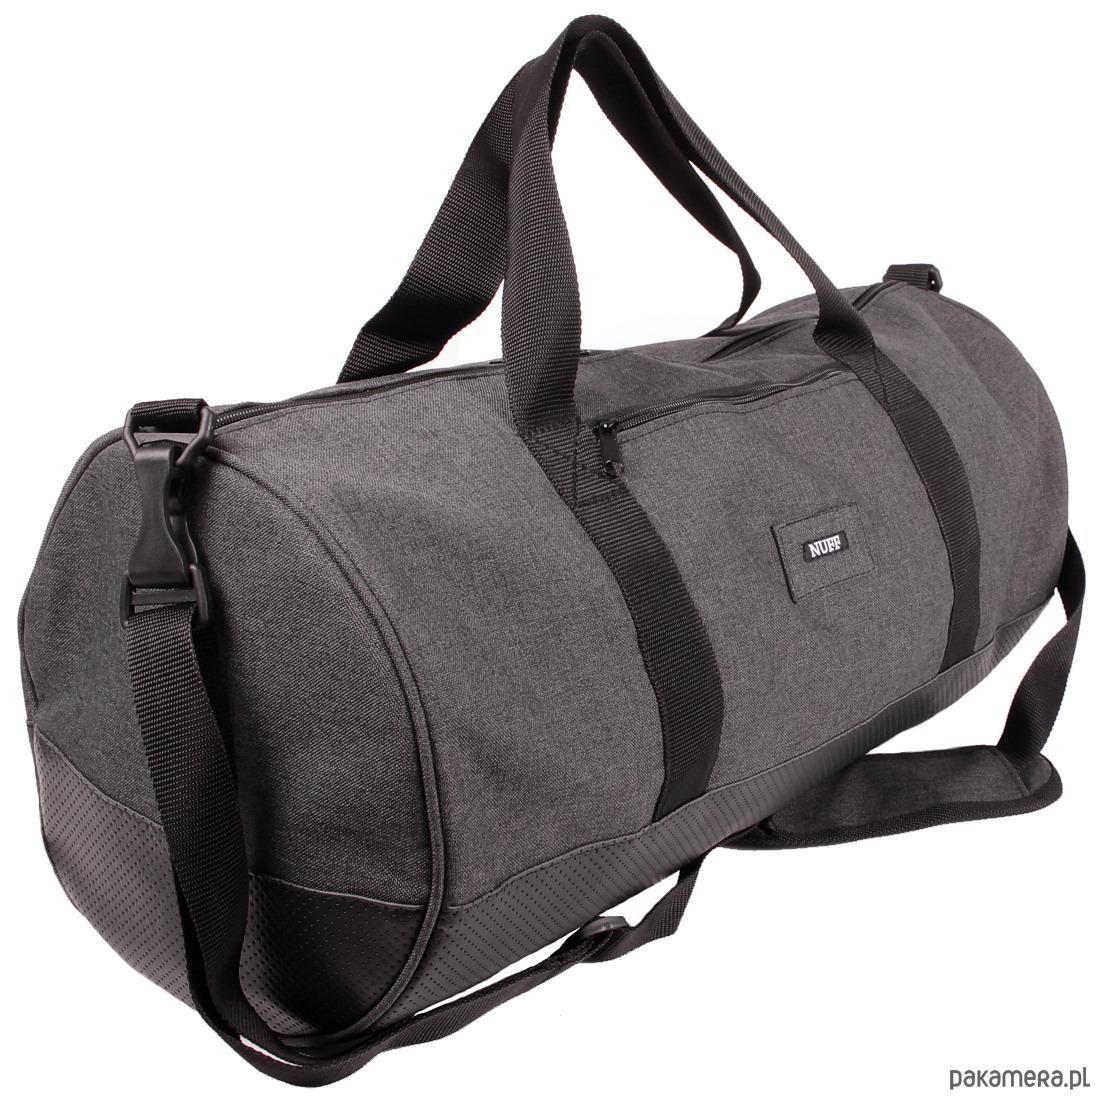 4f1e7da06428f torby podróżne-Torba Sportowa podróżna Nuff Duffel